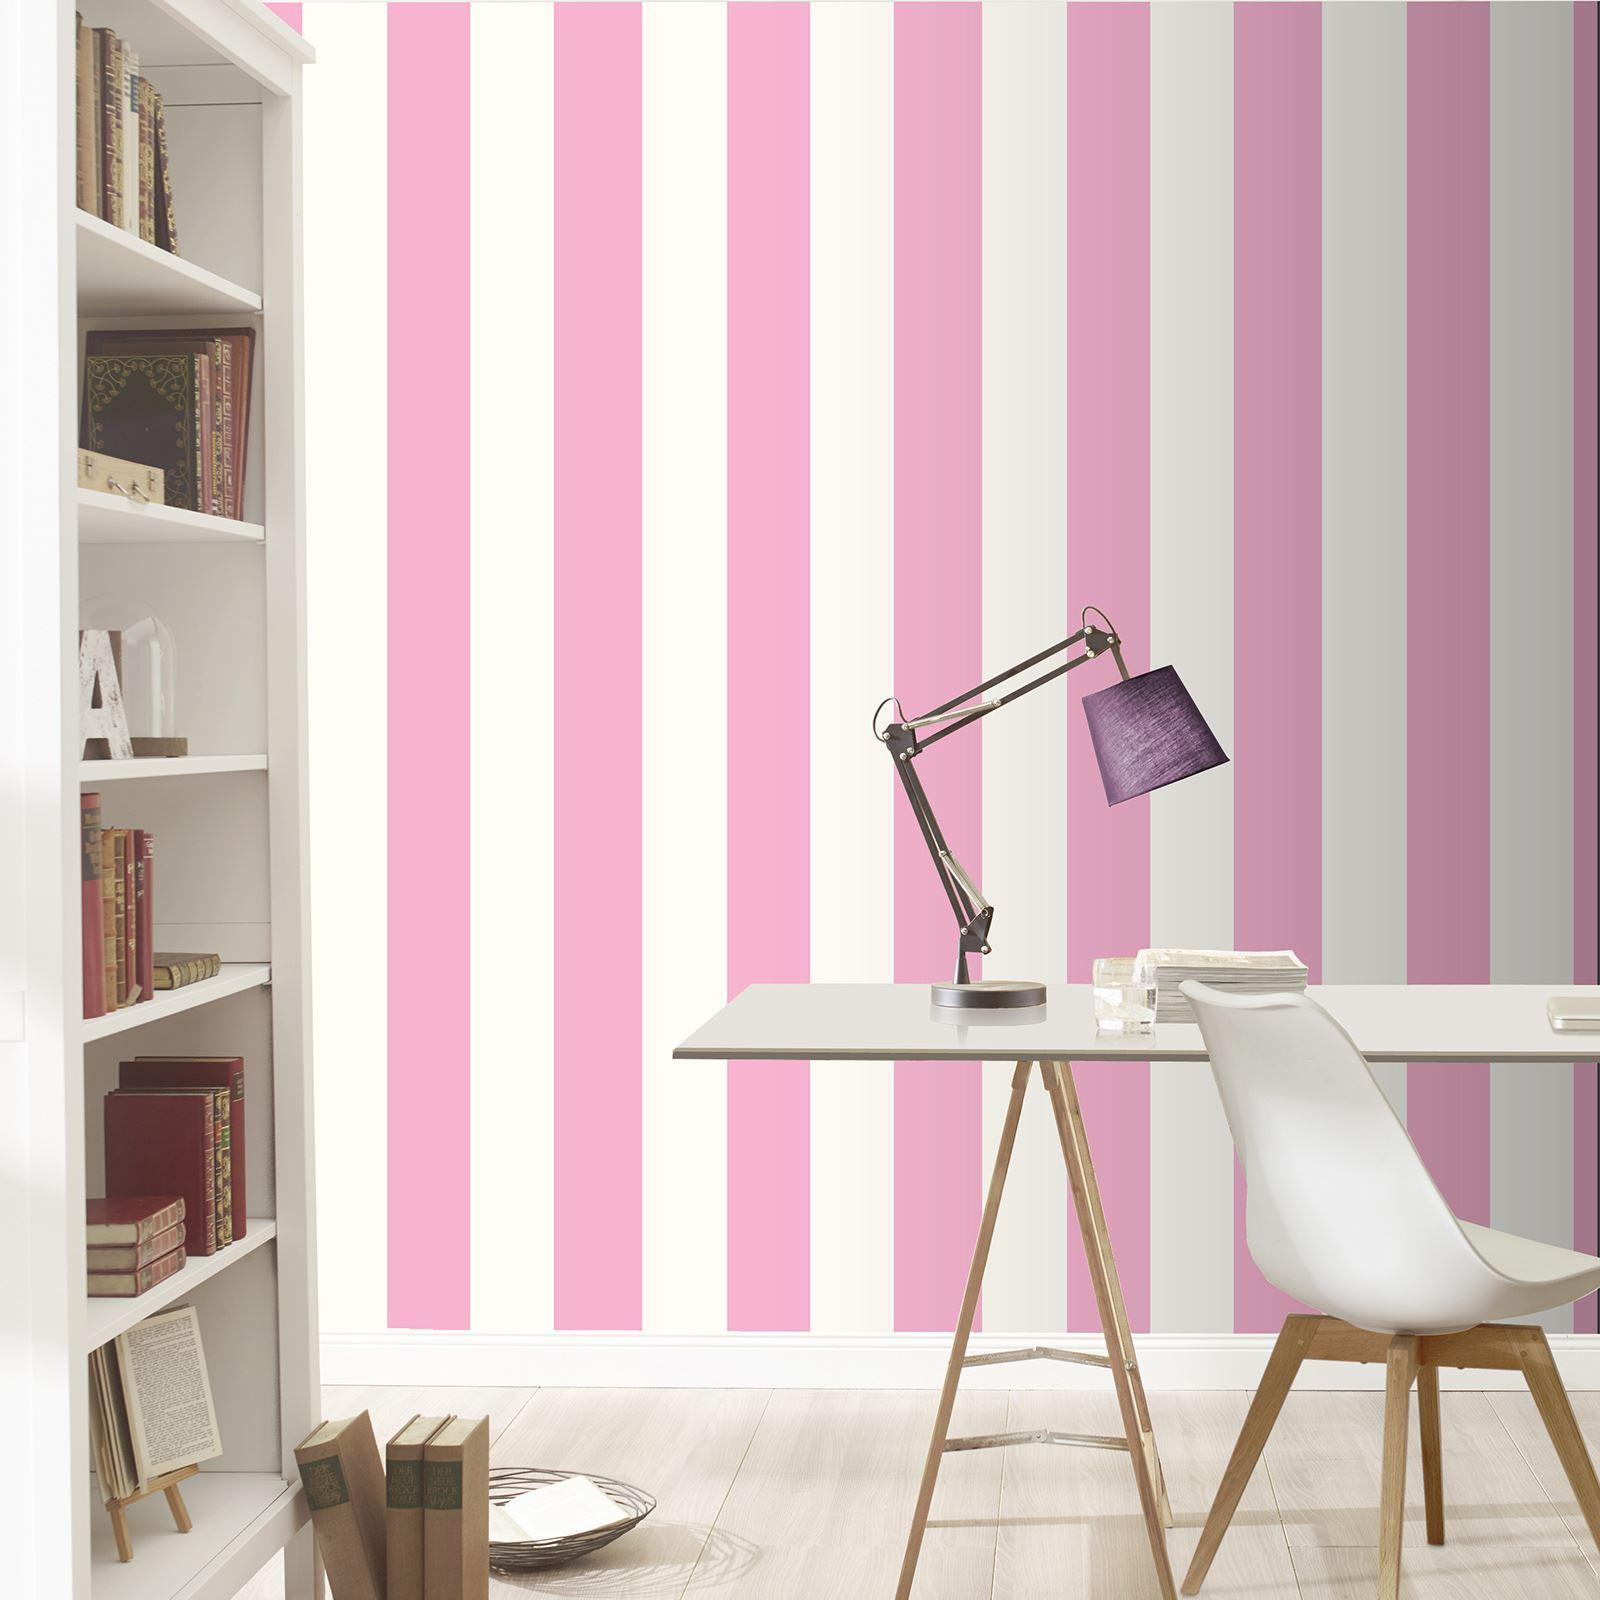 rasch breit streifen tapete horizontal vertikal wei silber rosa rot schwarz ebay. Black Bedroom Furniture Sets. Home Design Ideas